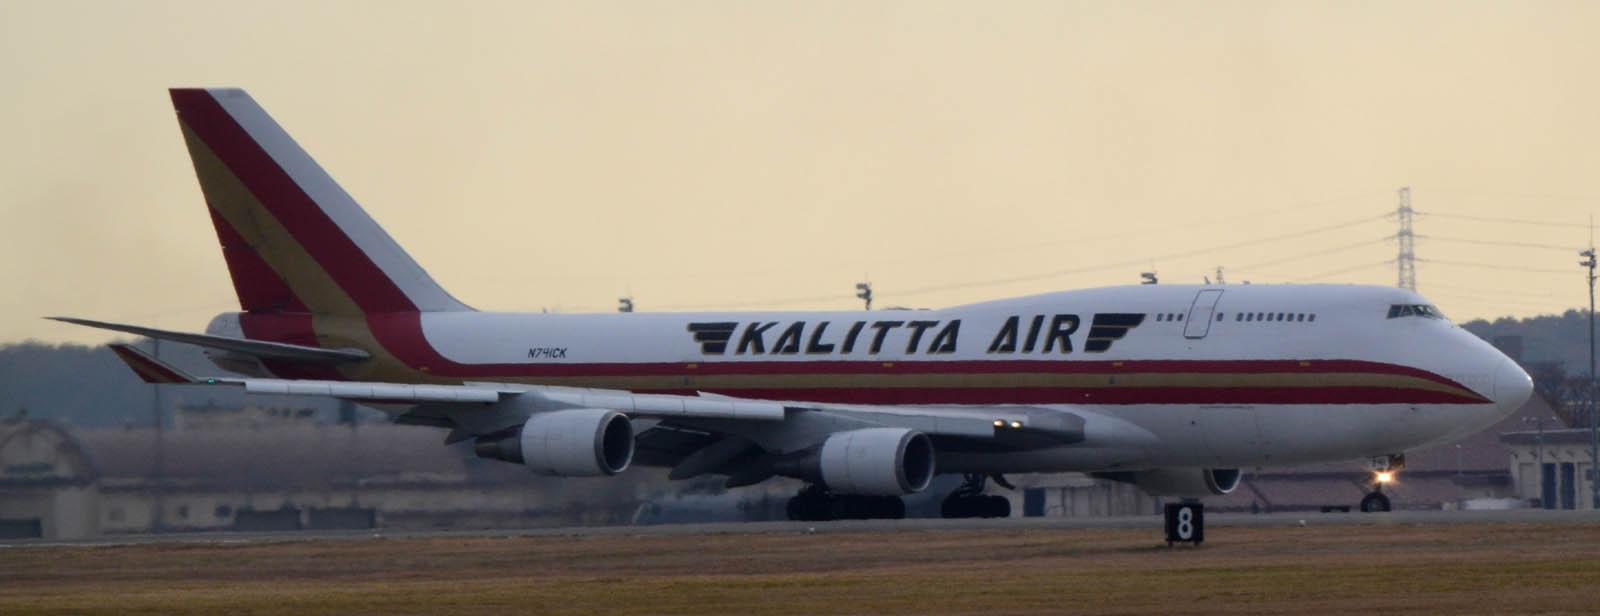 Kalitta121128g748